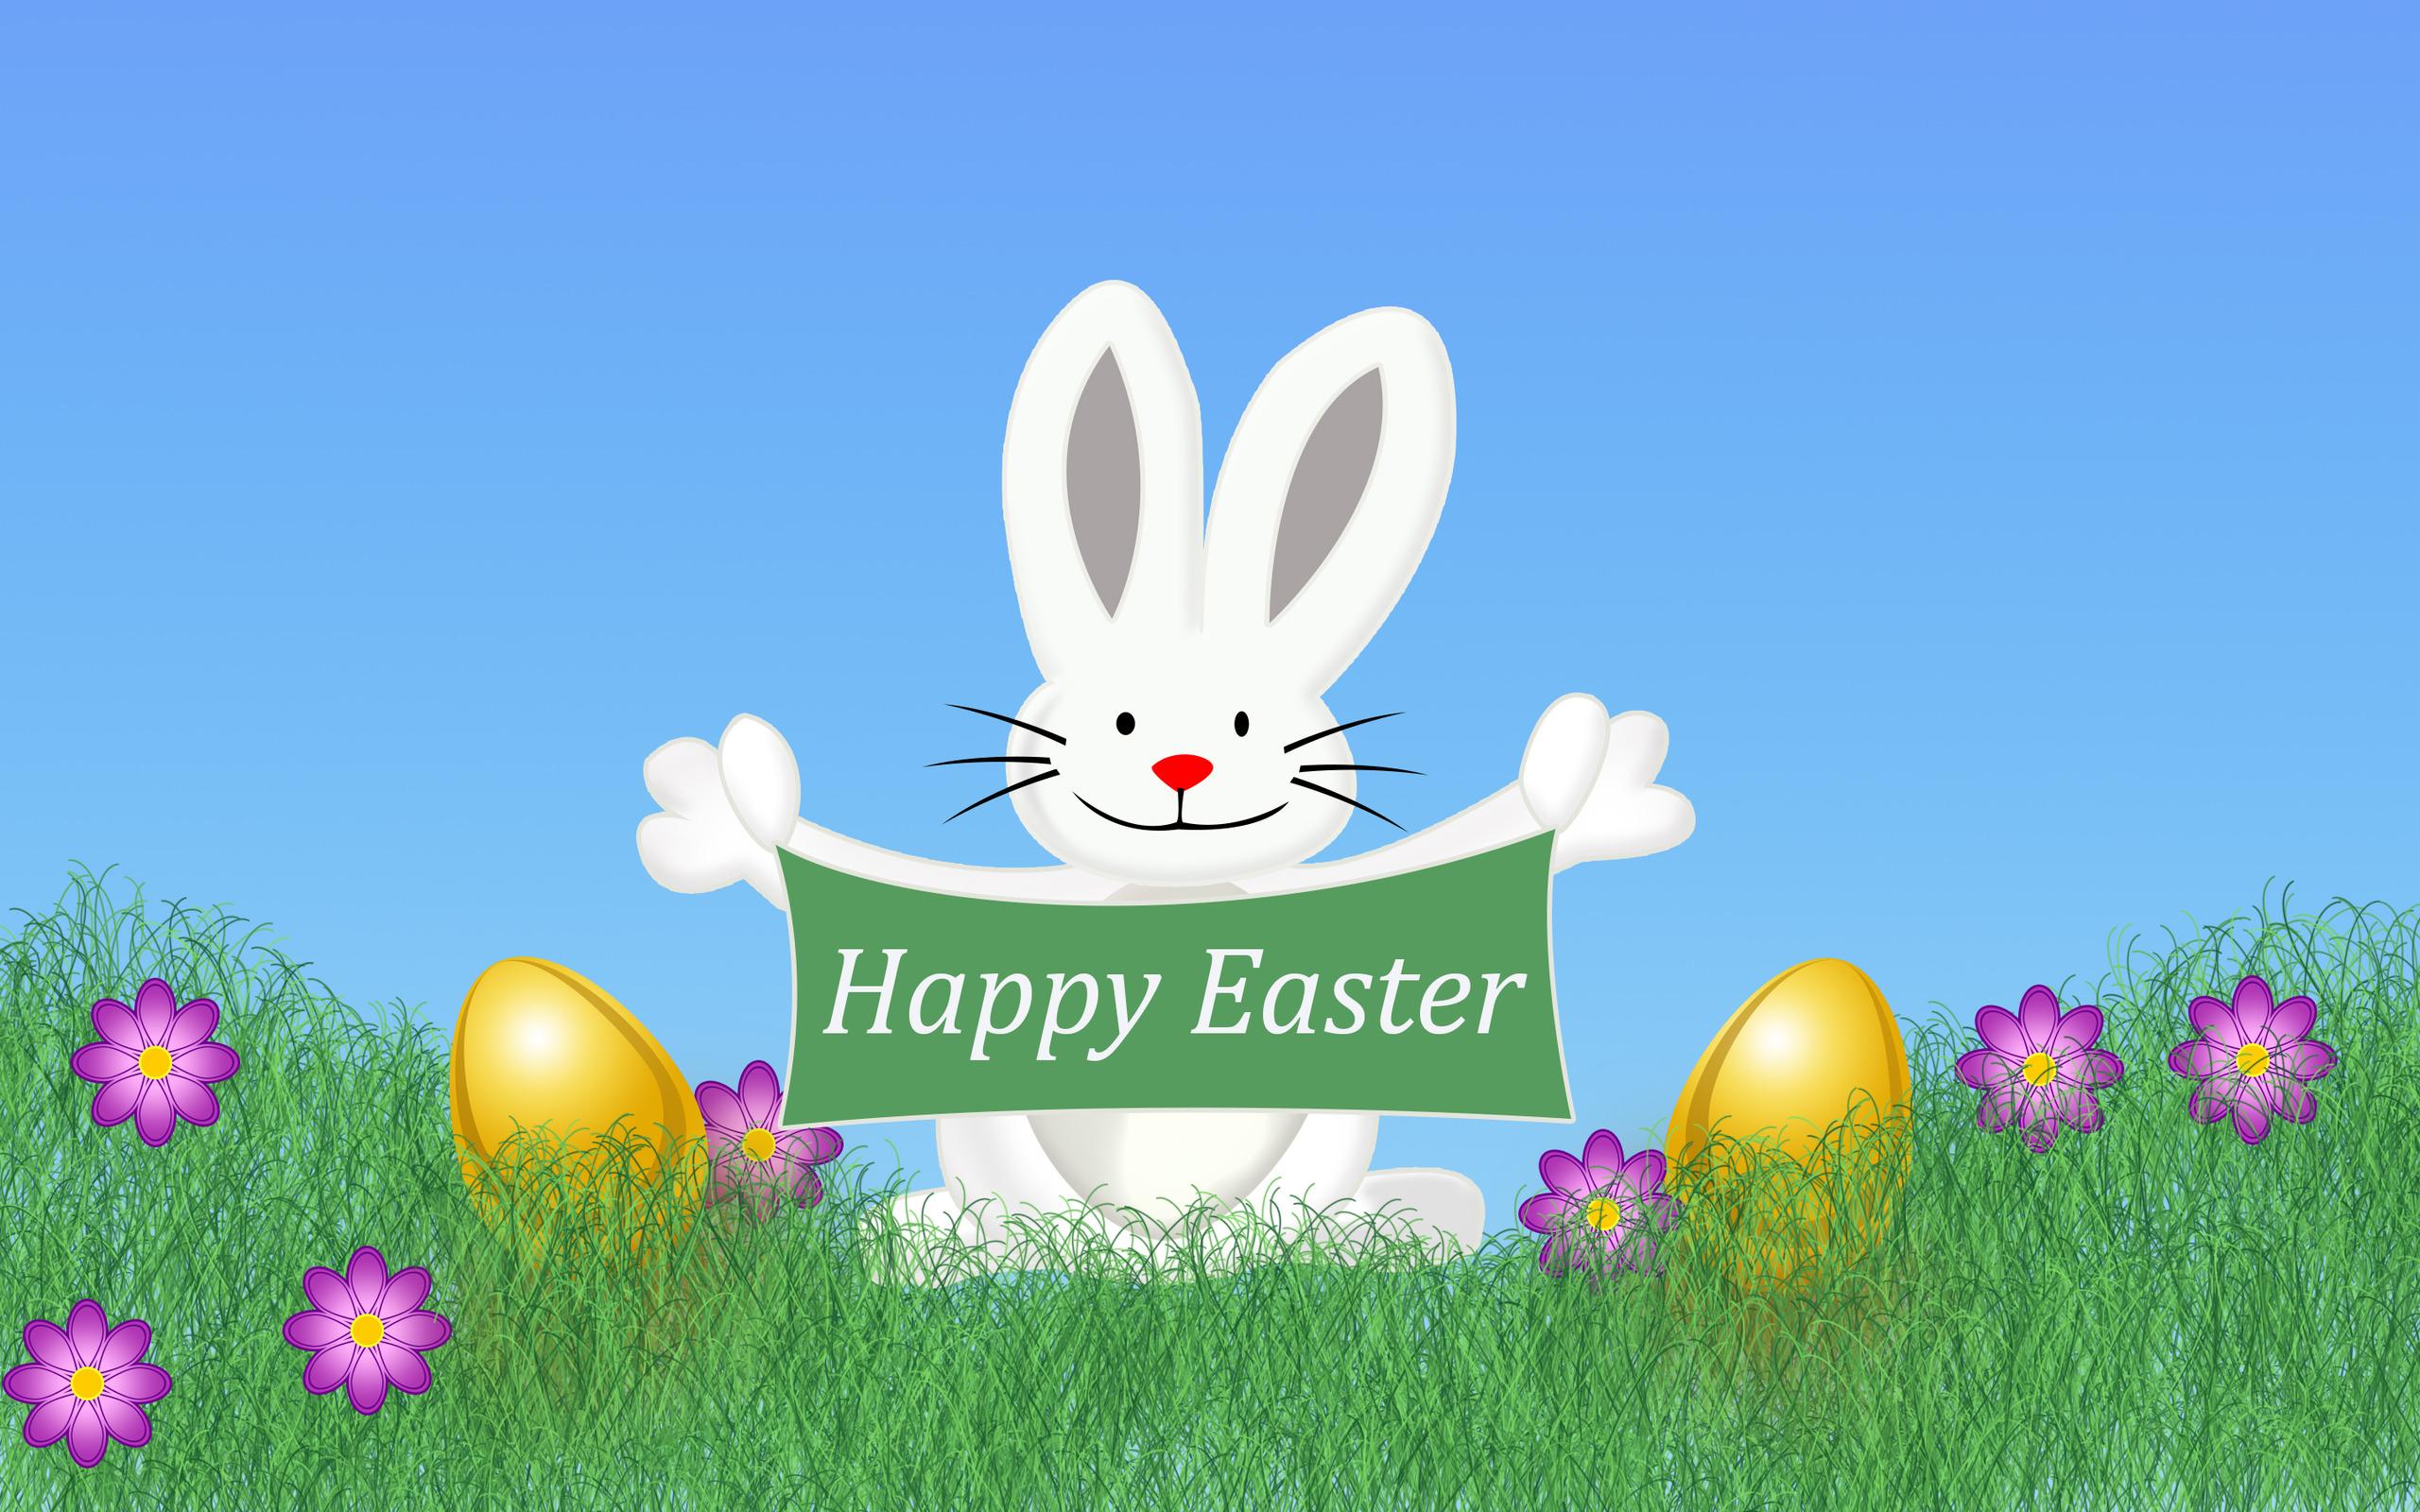 Download Wallpaper Happy Easter Apps Directories 2560x1600